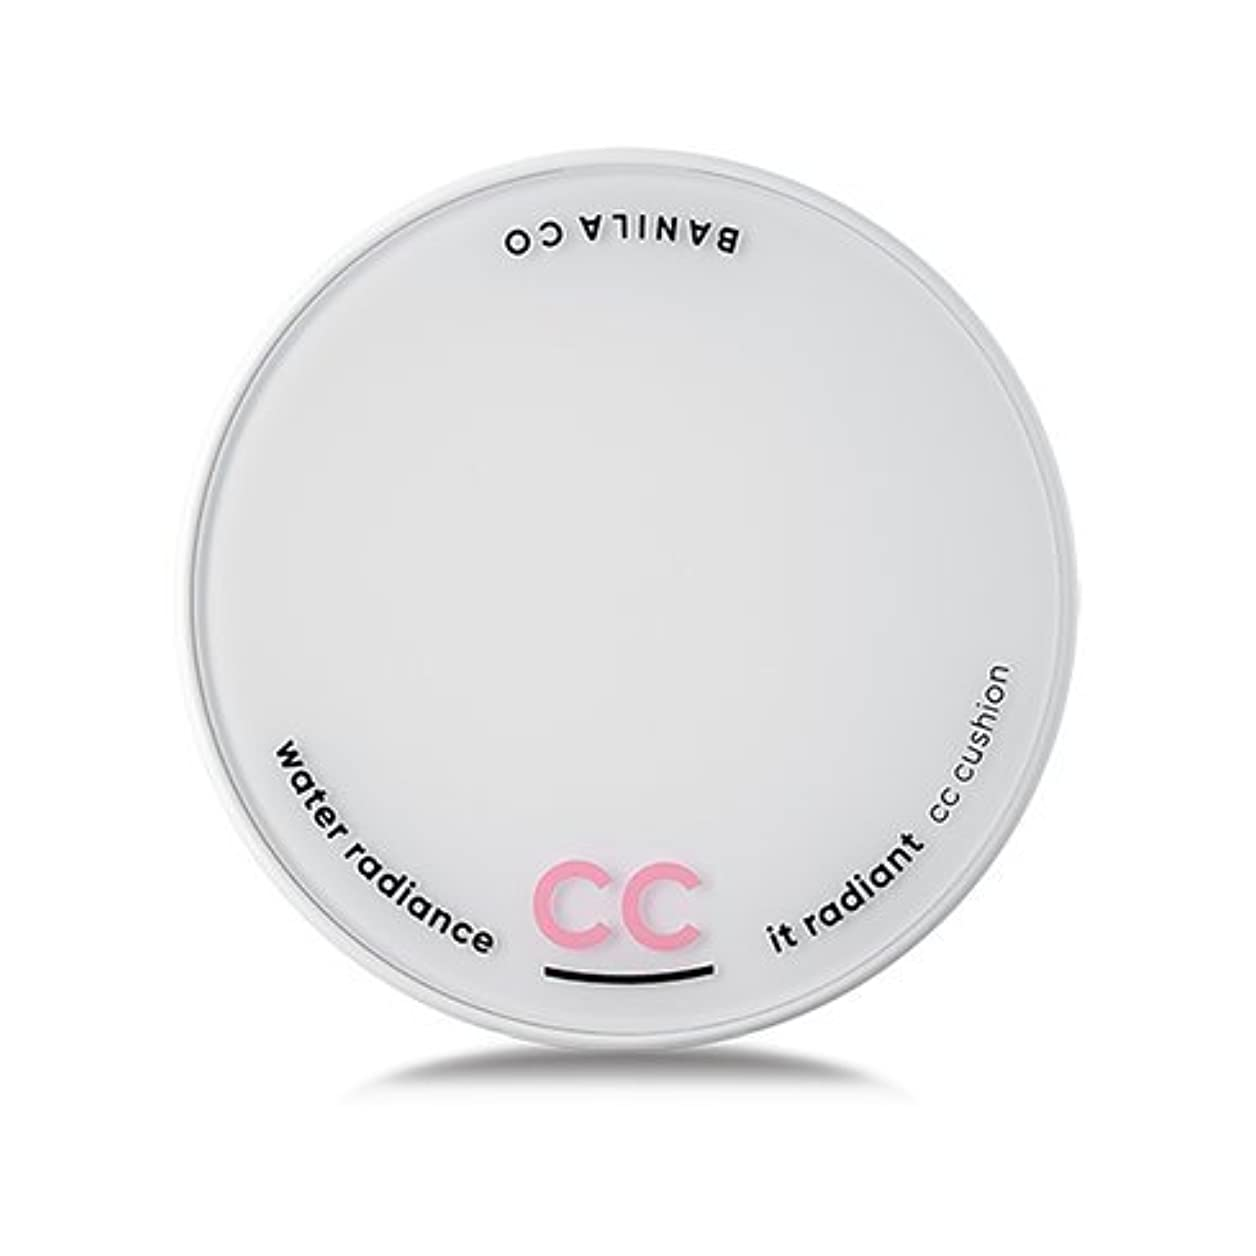 スラダム投資引数[Renewal] BANILA CO It Radiant CC Cushion 15g + Refill 15g/バニラコ イット ラディアント CC クッション 15g + リフィル 15g (#Natural Beige...